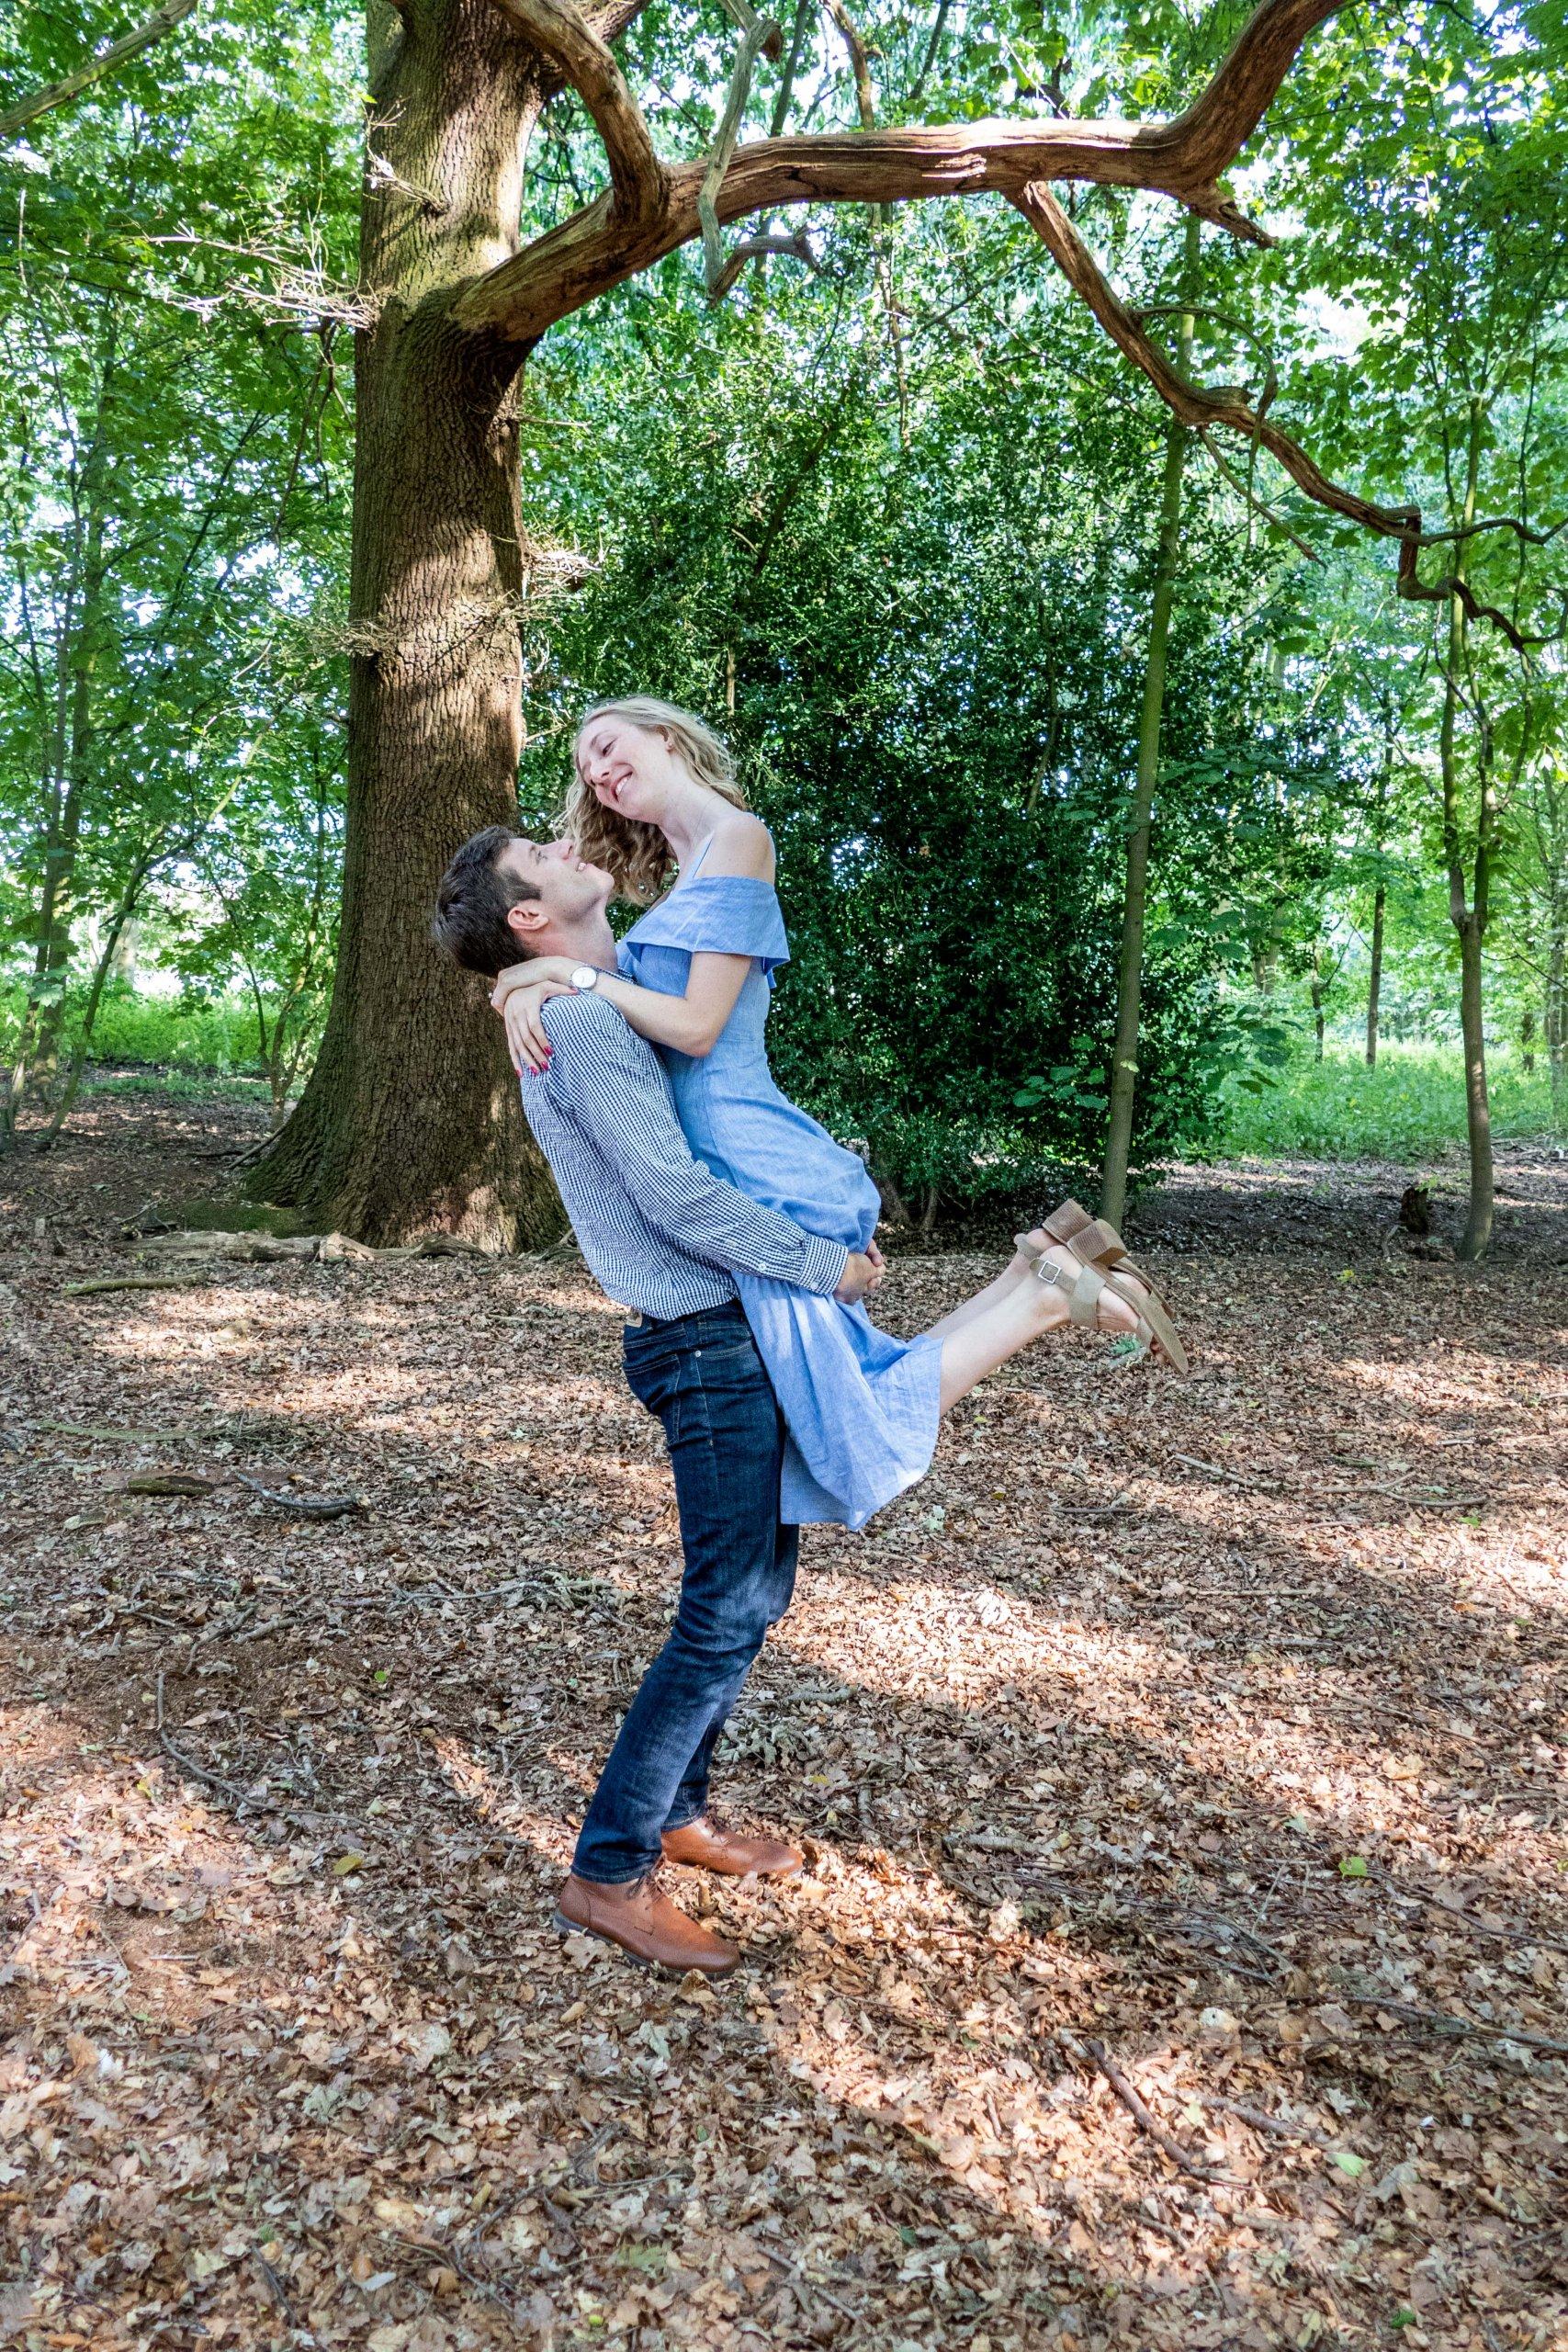 couple pre-wedding photo shoot